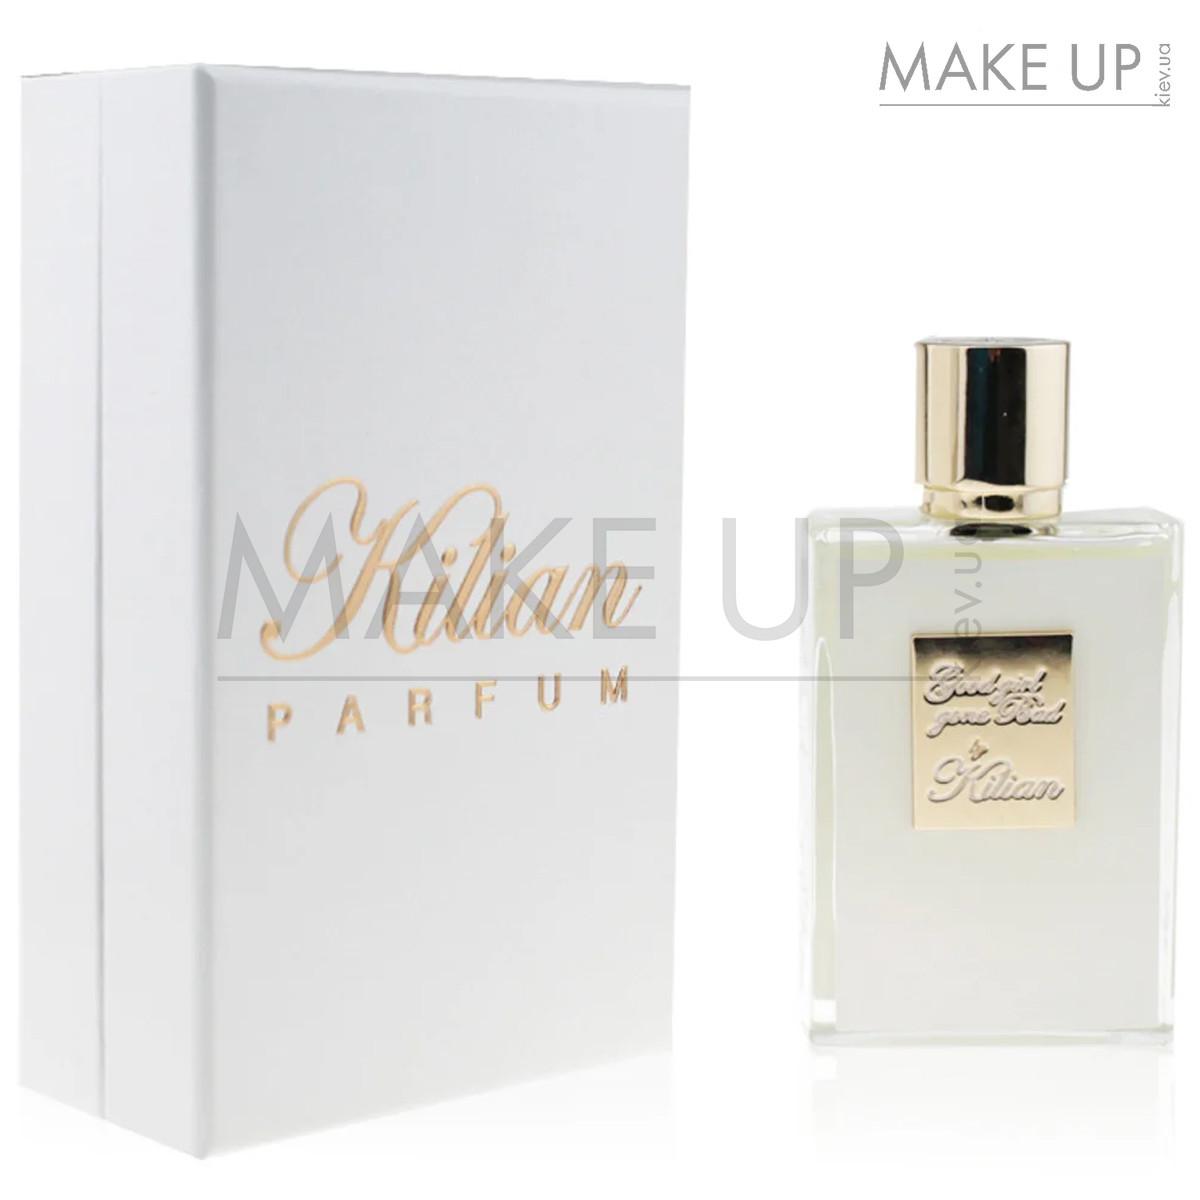 Женская парфюмированная вода Kilian Good Girl Gone Bad edp 50 мл. | Лицензия Объединённые  Арабские Эмираты